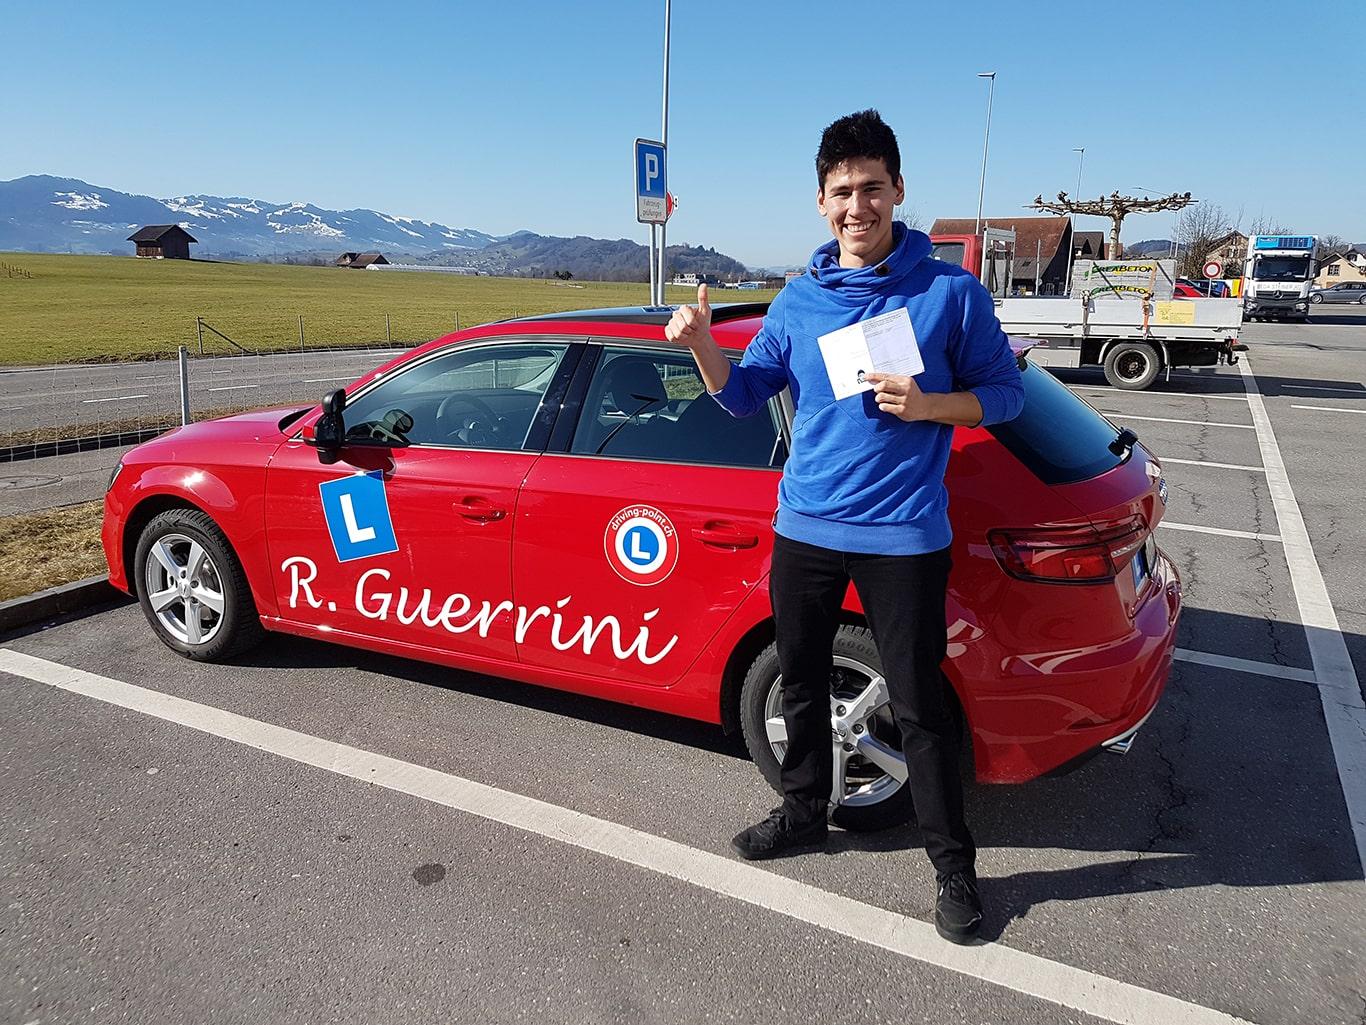 Motorradführerschein, Verkehrskunde & Theorieprüfung in Wagen - Fahrschule Driving Point